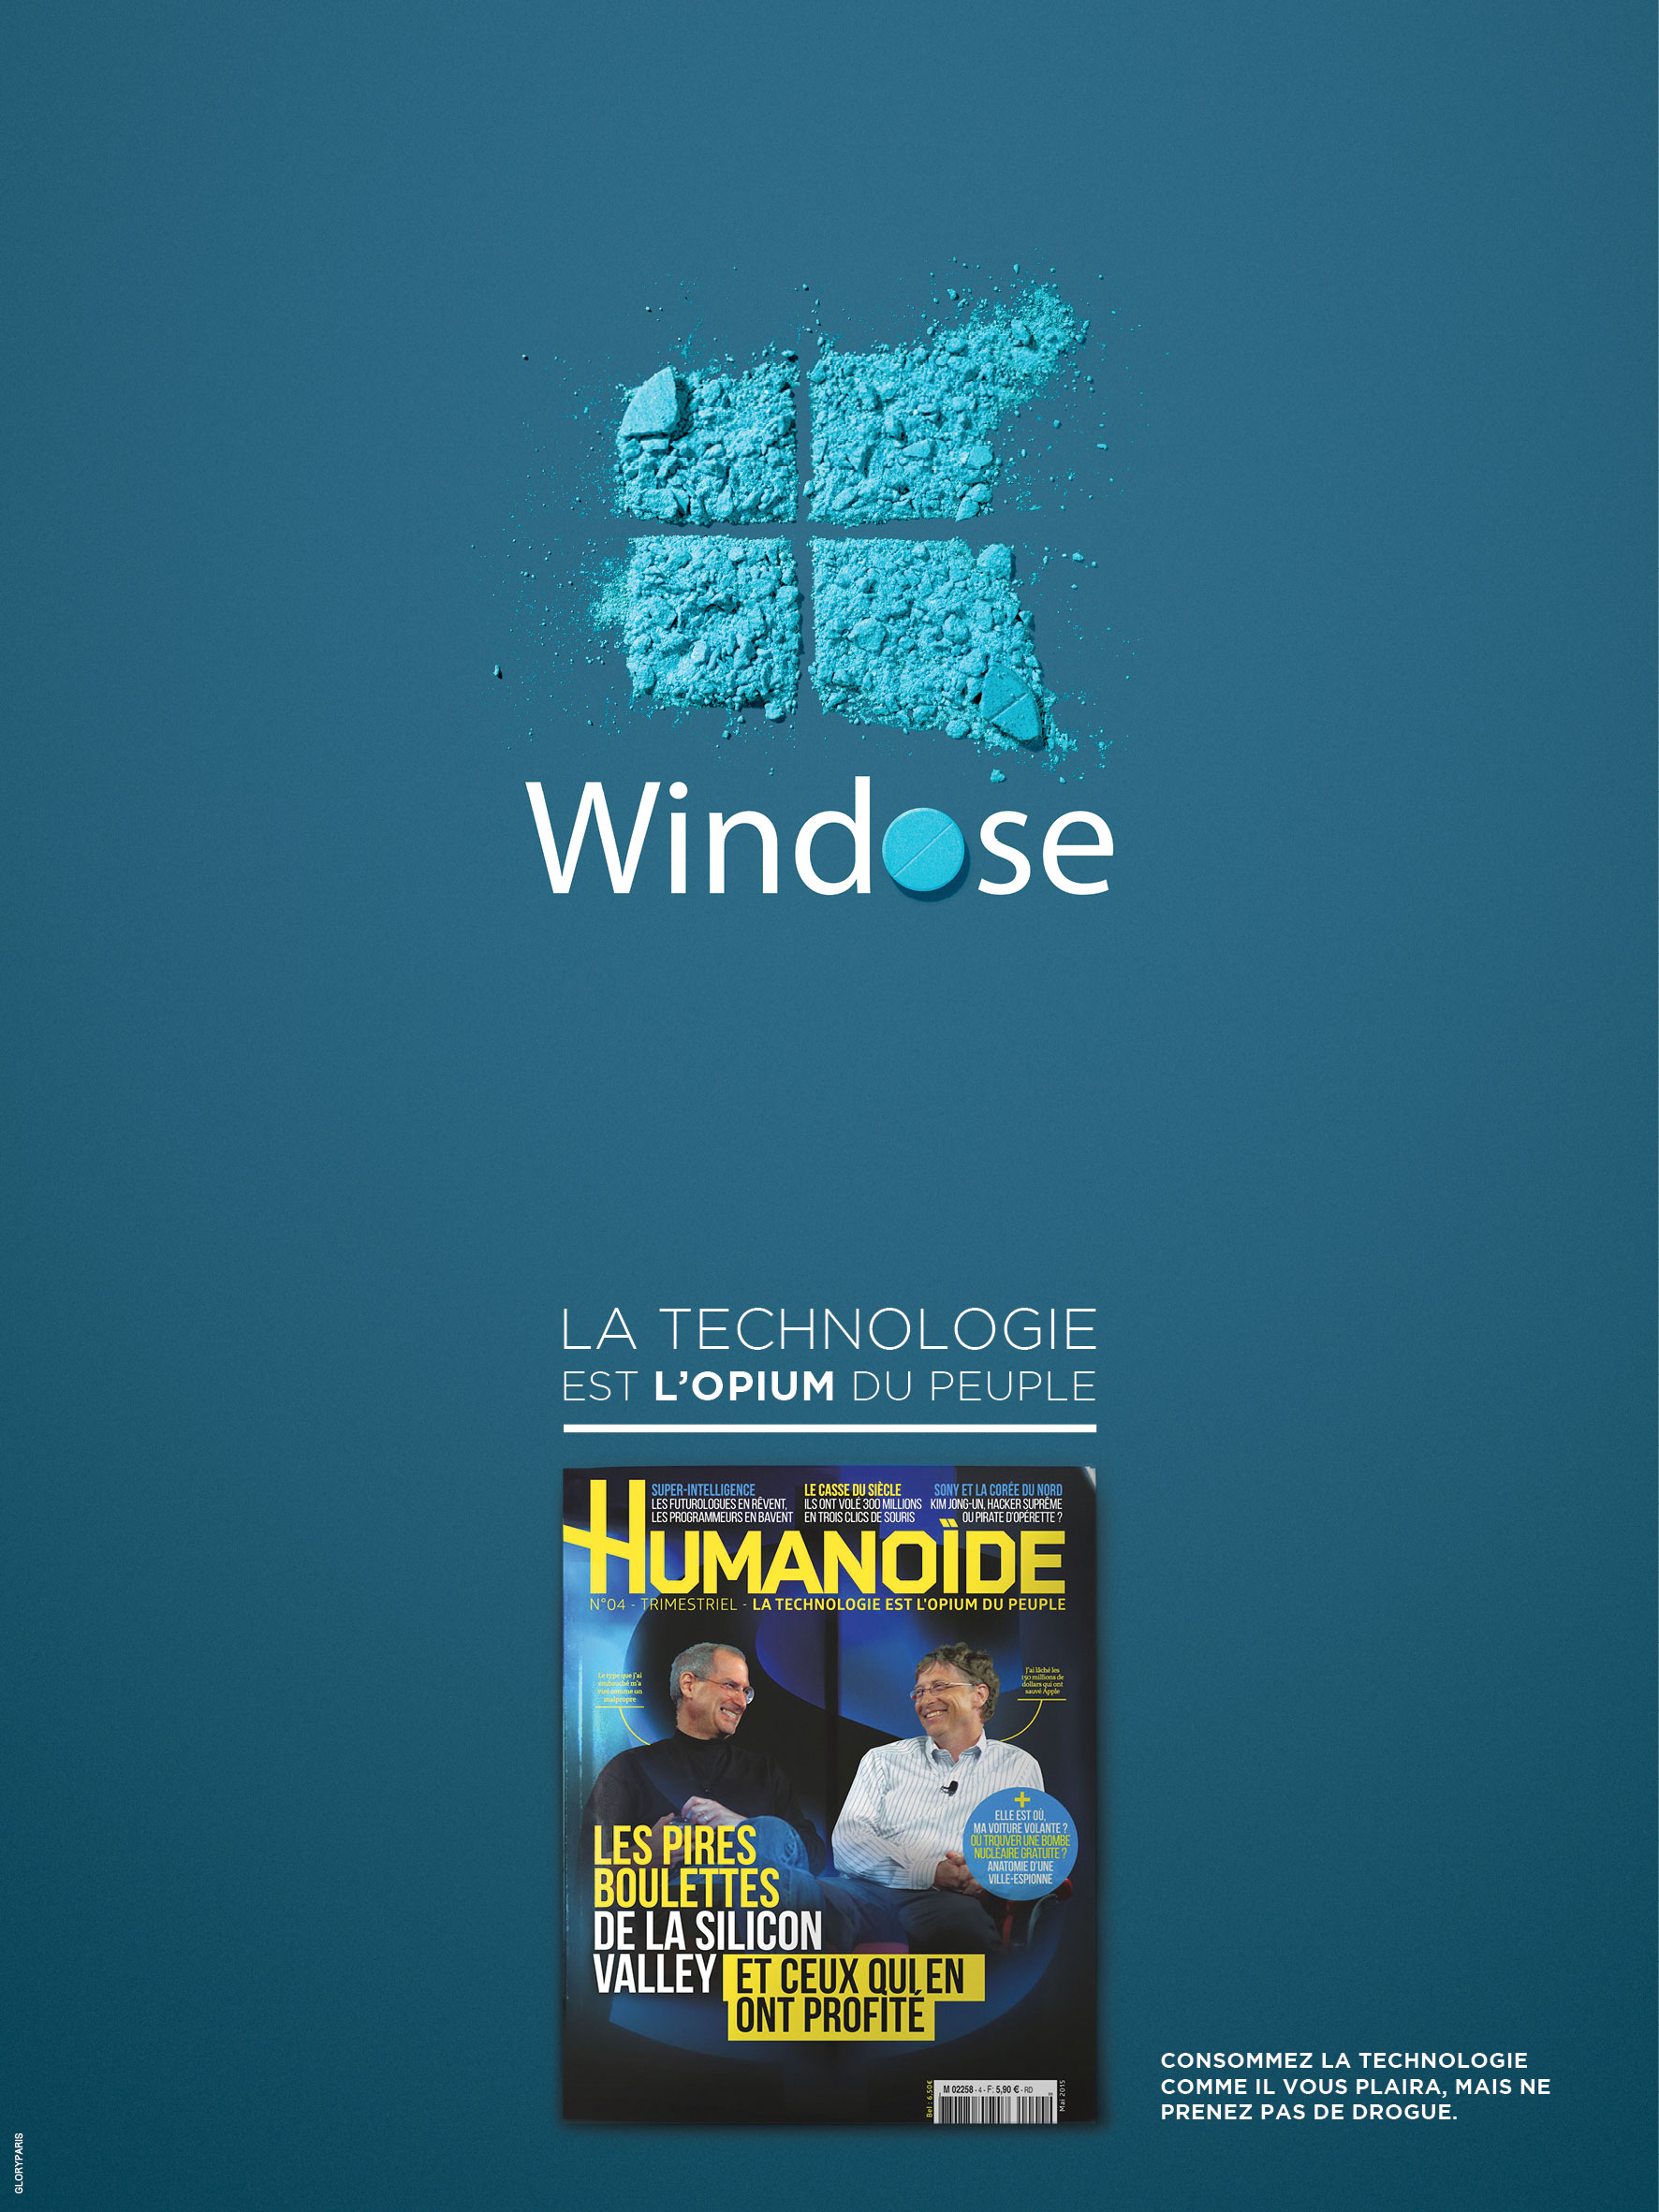 dans-ta-pub-humanoide-print-publicité-affiche-technologie-web-drogue-addiction-digital-1